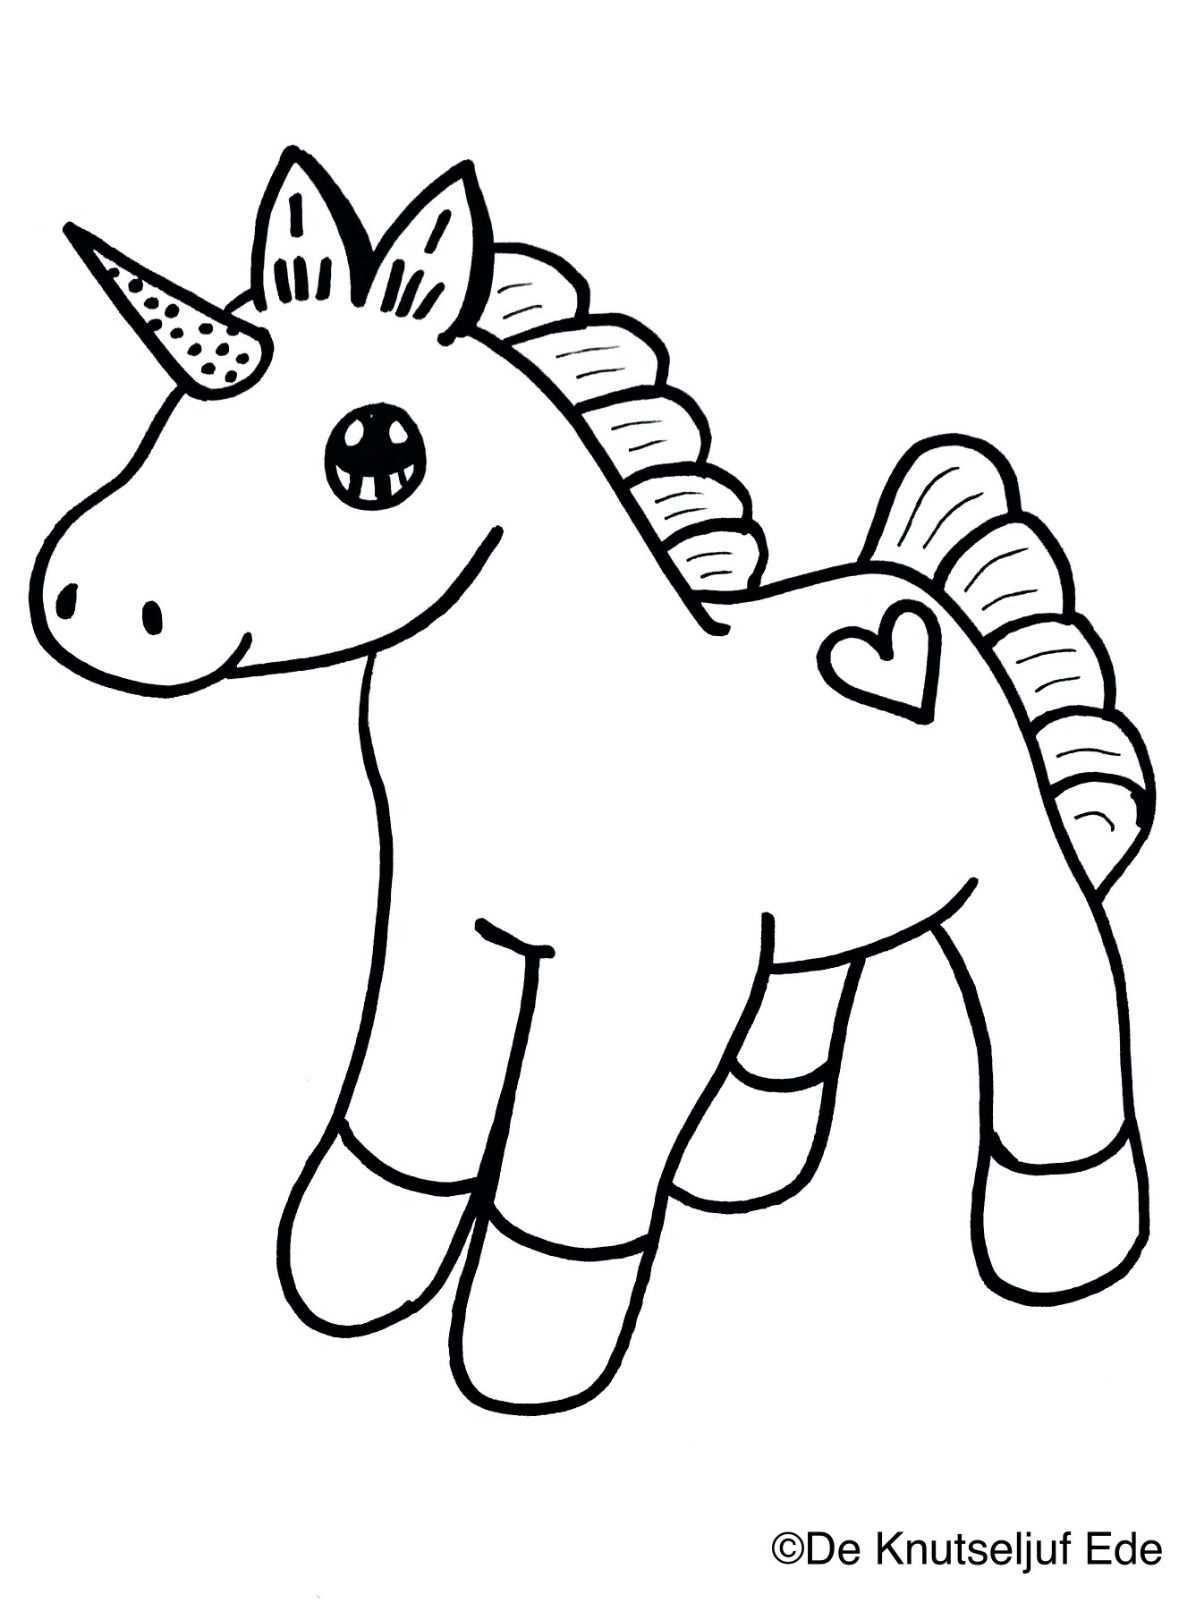 Kleurplaten Eenhoorns Unicorns Eenhoorns Regenboog Knutselen Creatief Kleurplaat De Knuts Regenboog Knutselen Kleurplaten Voor Kinderen Kleurplaten